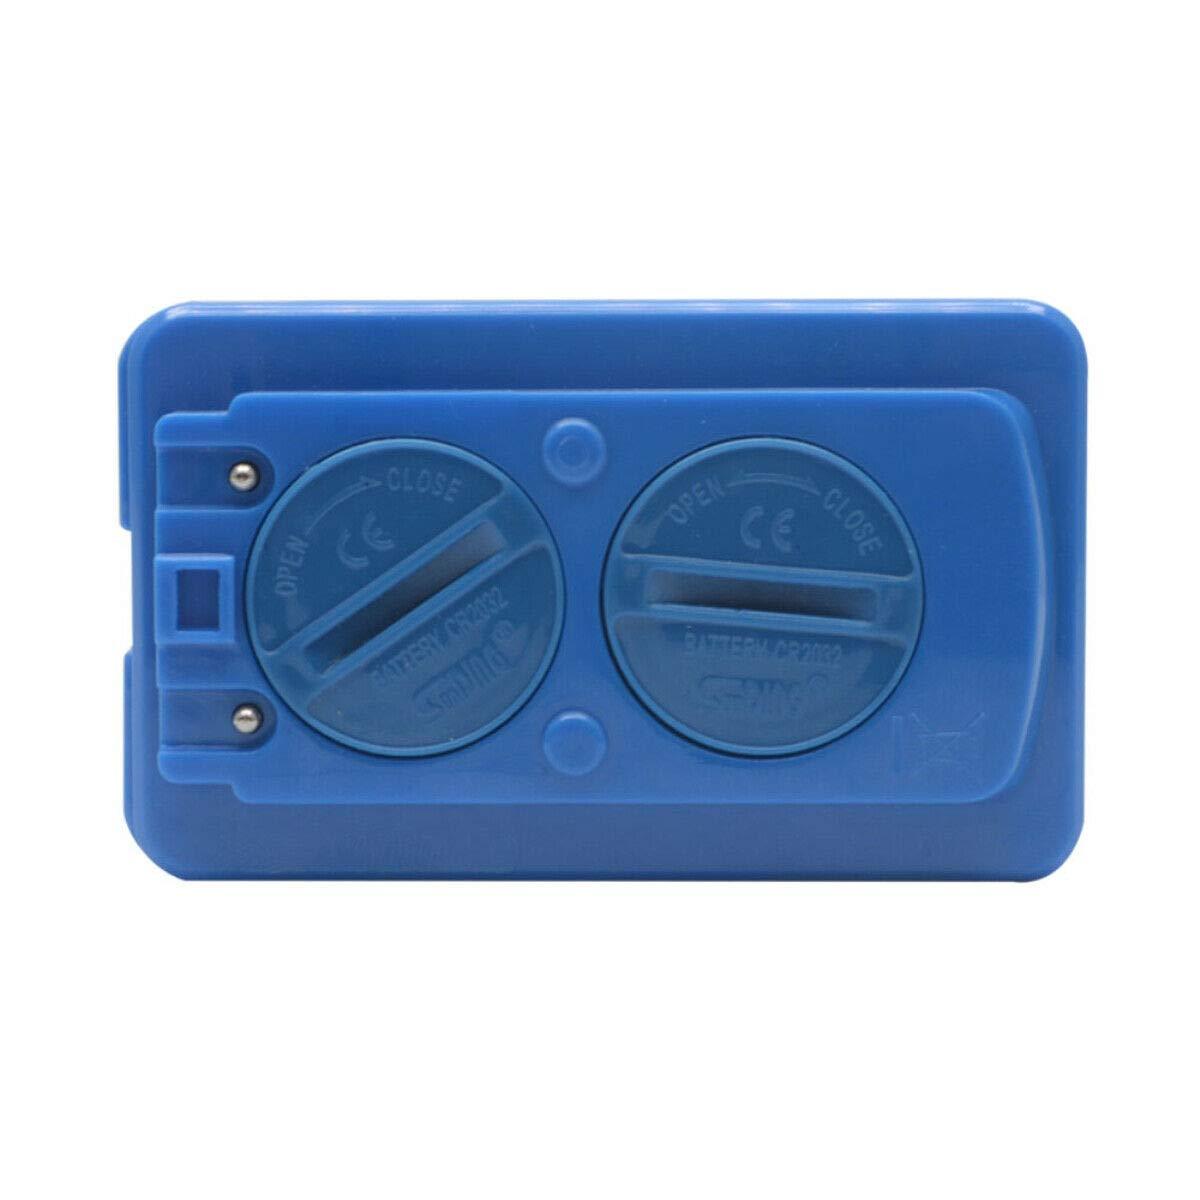 Veloc/ímetro para bicicleta con pantalla LCD retroiluminada inal/ámbrico color azul impermeable